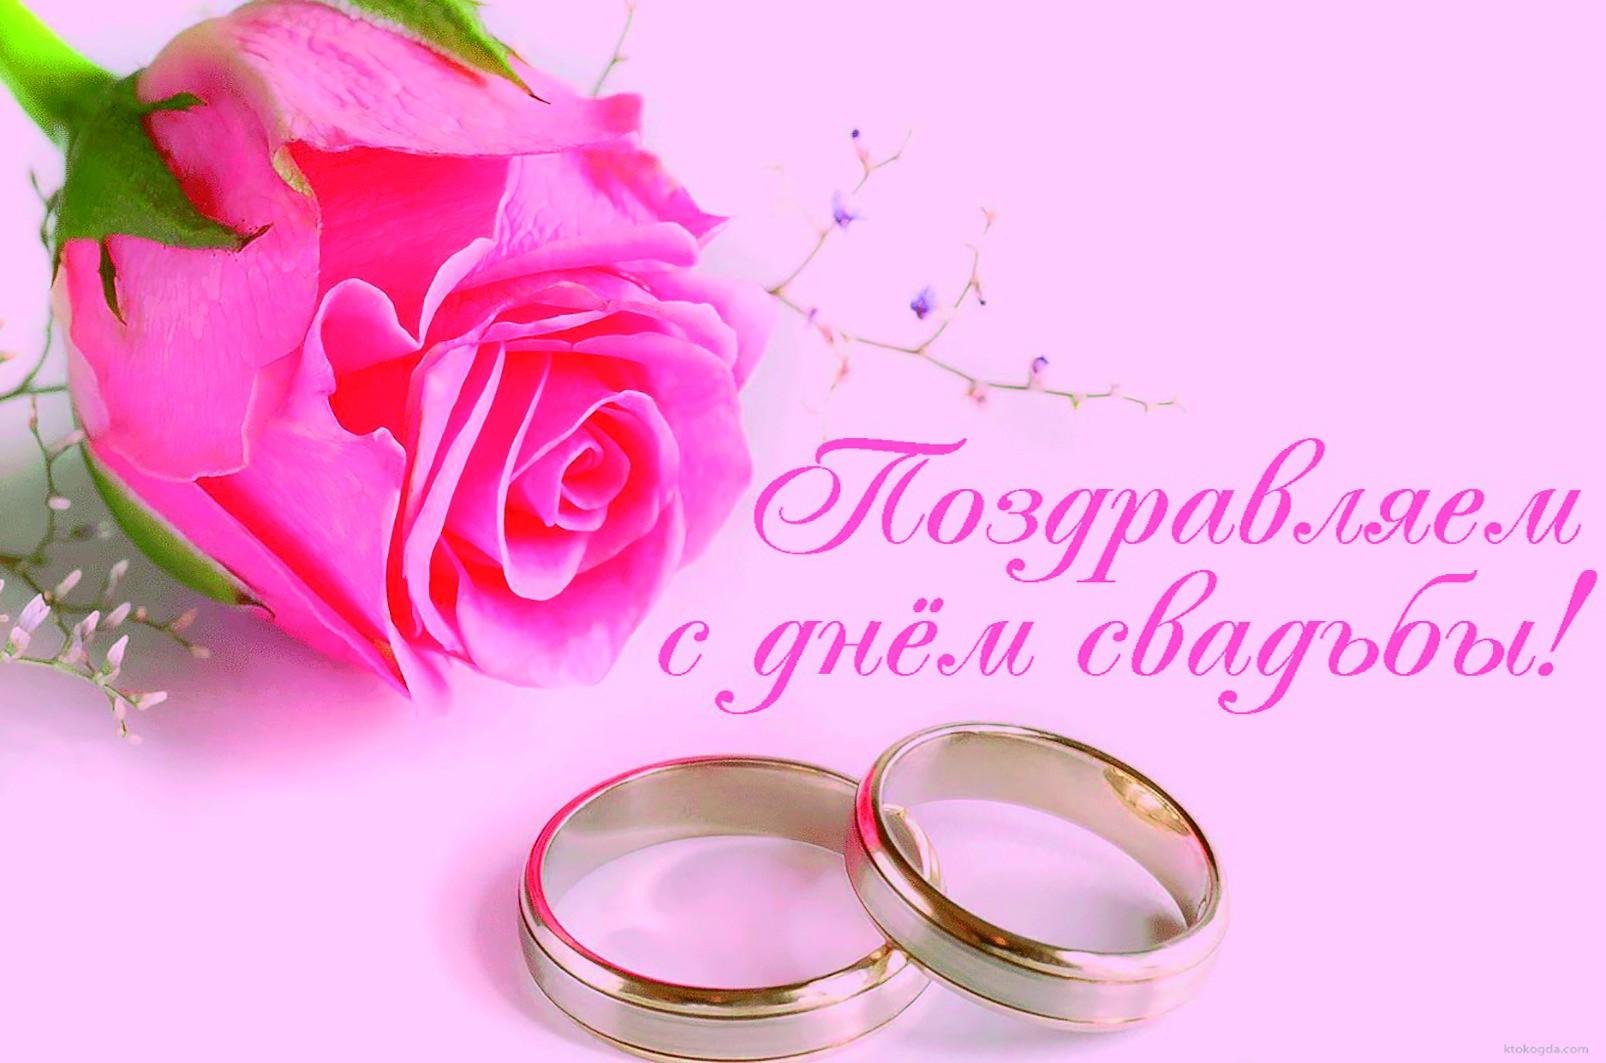 сегодняшний теплые и красивые поздравления с днем свадьбы фоне неба для